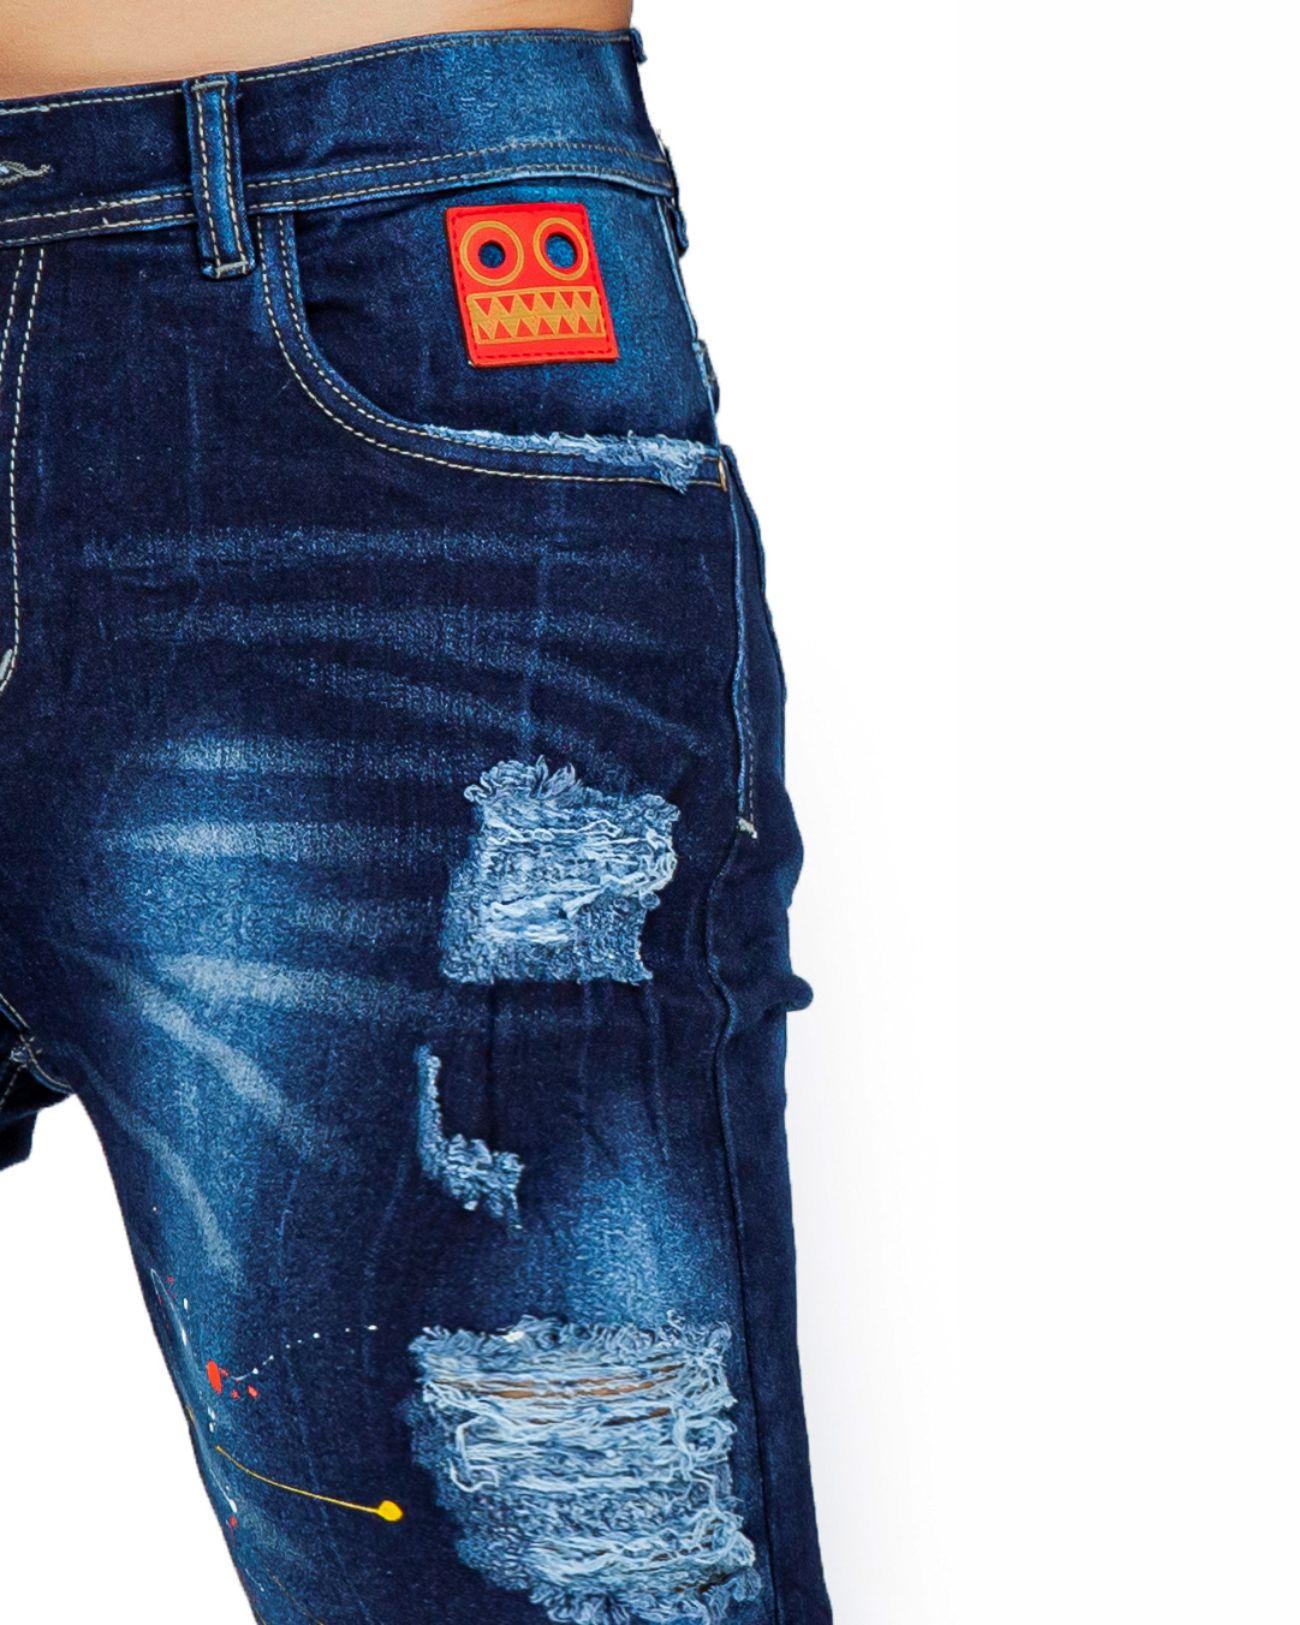 ref 1768 3 bermuda azul plomo, tela jean en algodon 70% + 2% expande +poliester 28%. talla 26 28 30 32 34 36 $70.000